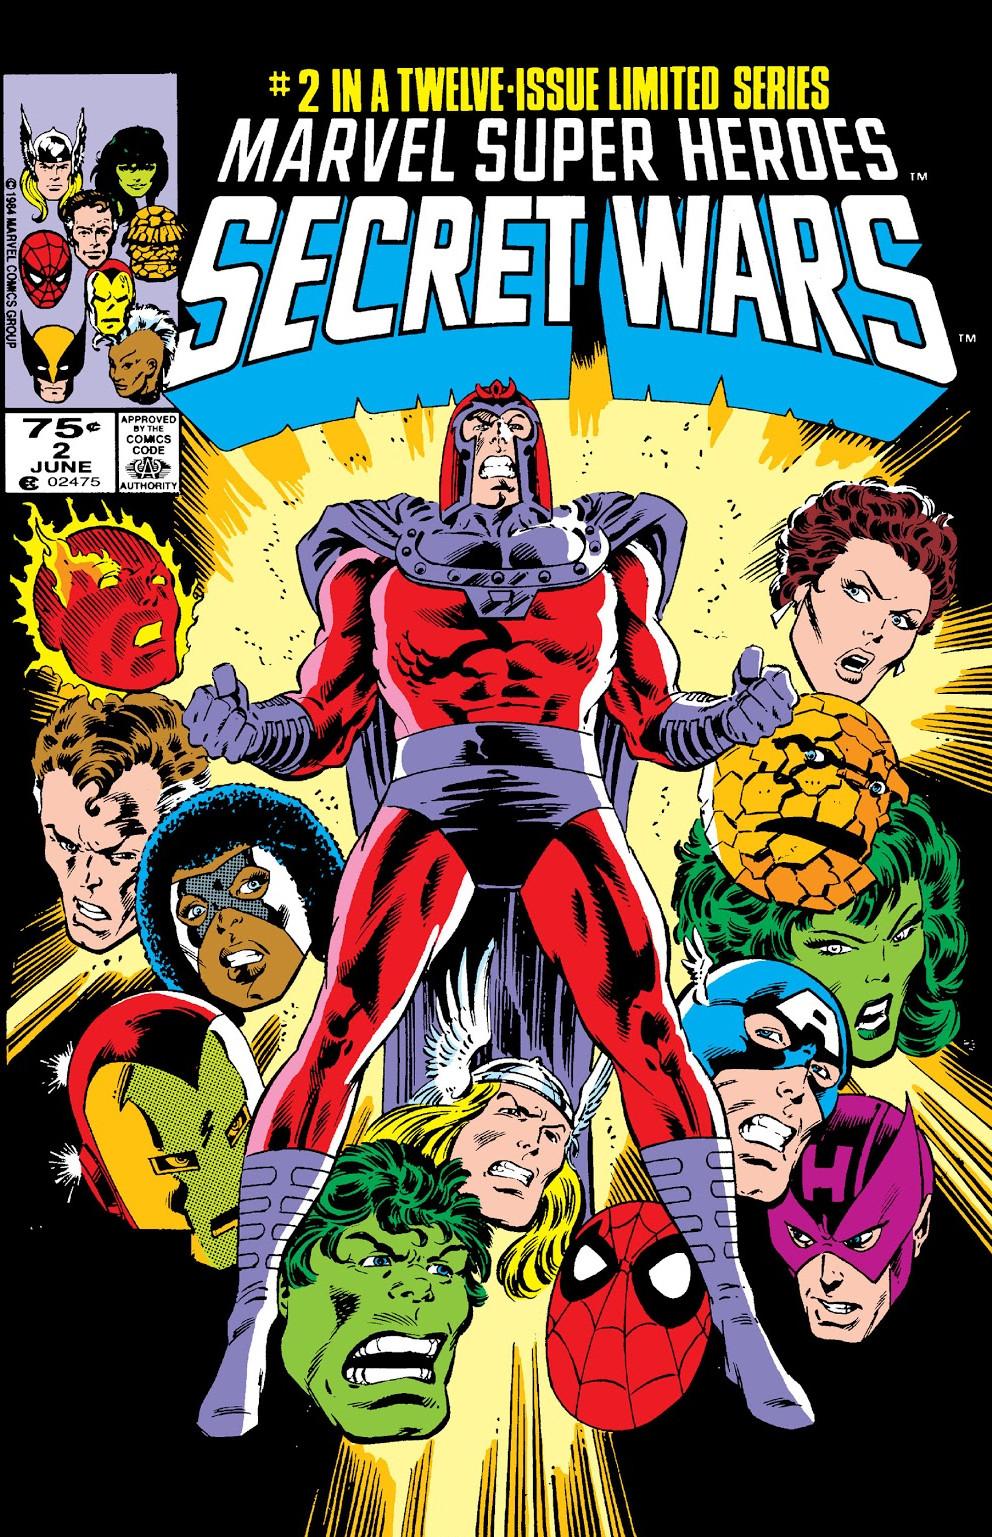 Marvel Super Heroes Secret Wars Vol 1 2.jpg